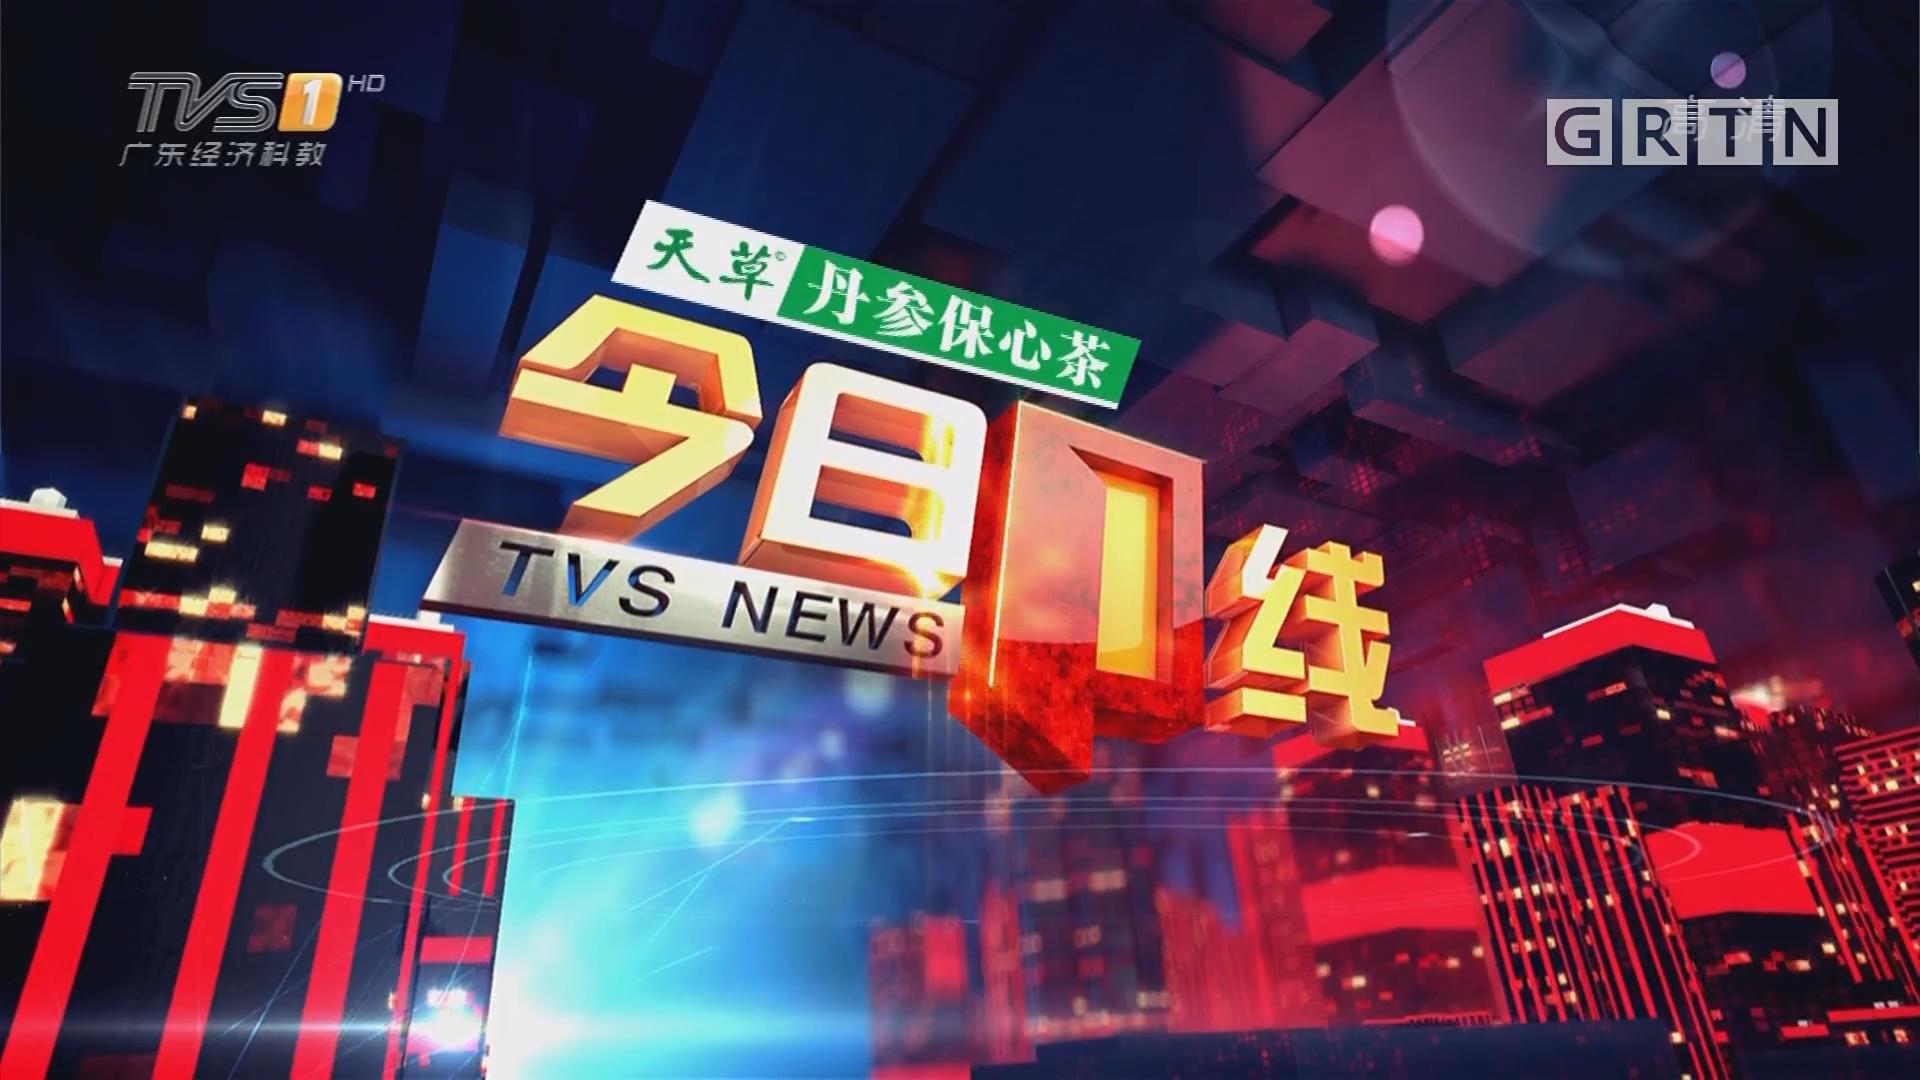 [HD][2019-01-18]今日一线:深圳:司机高速上打瞌睡 致三车撞4人伤